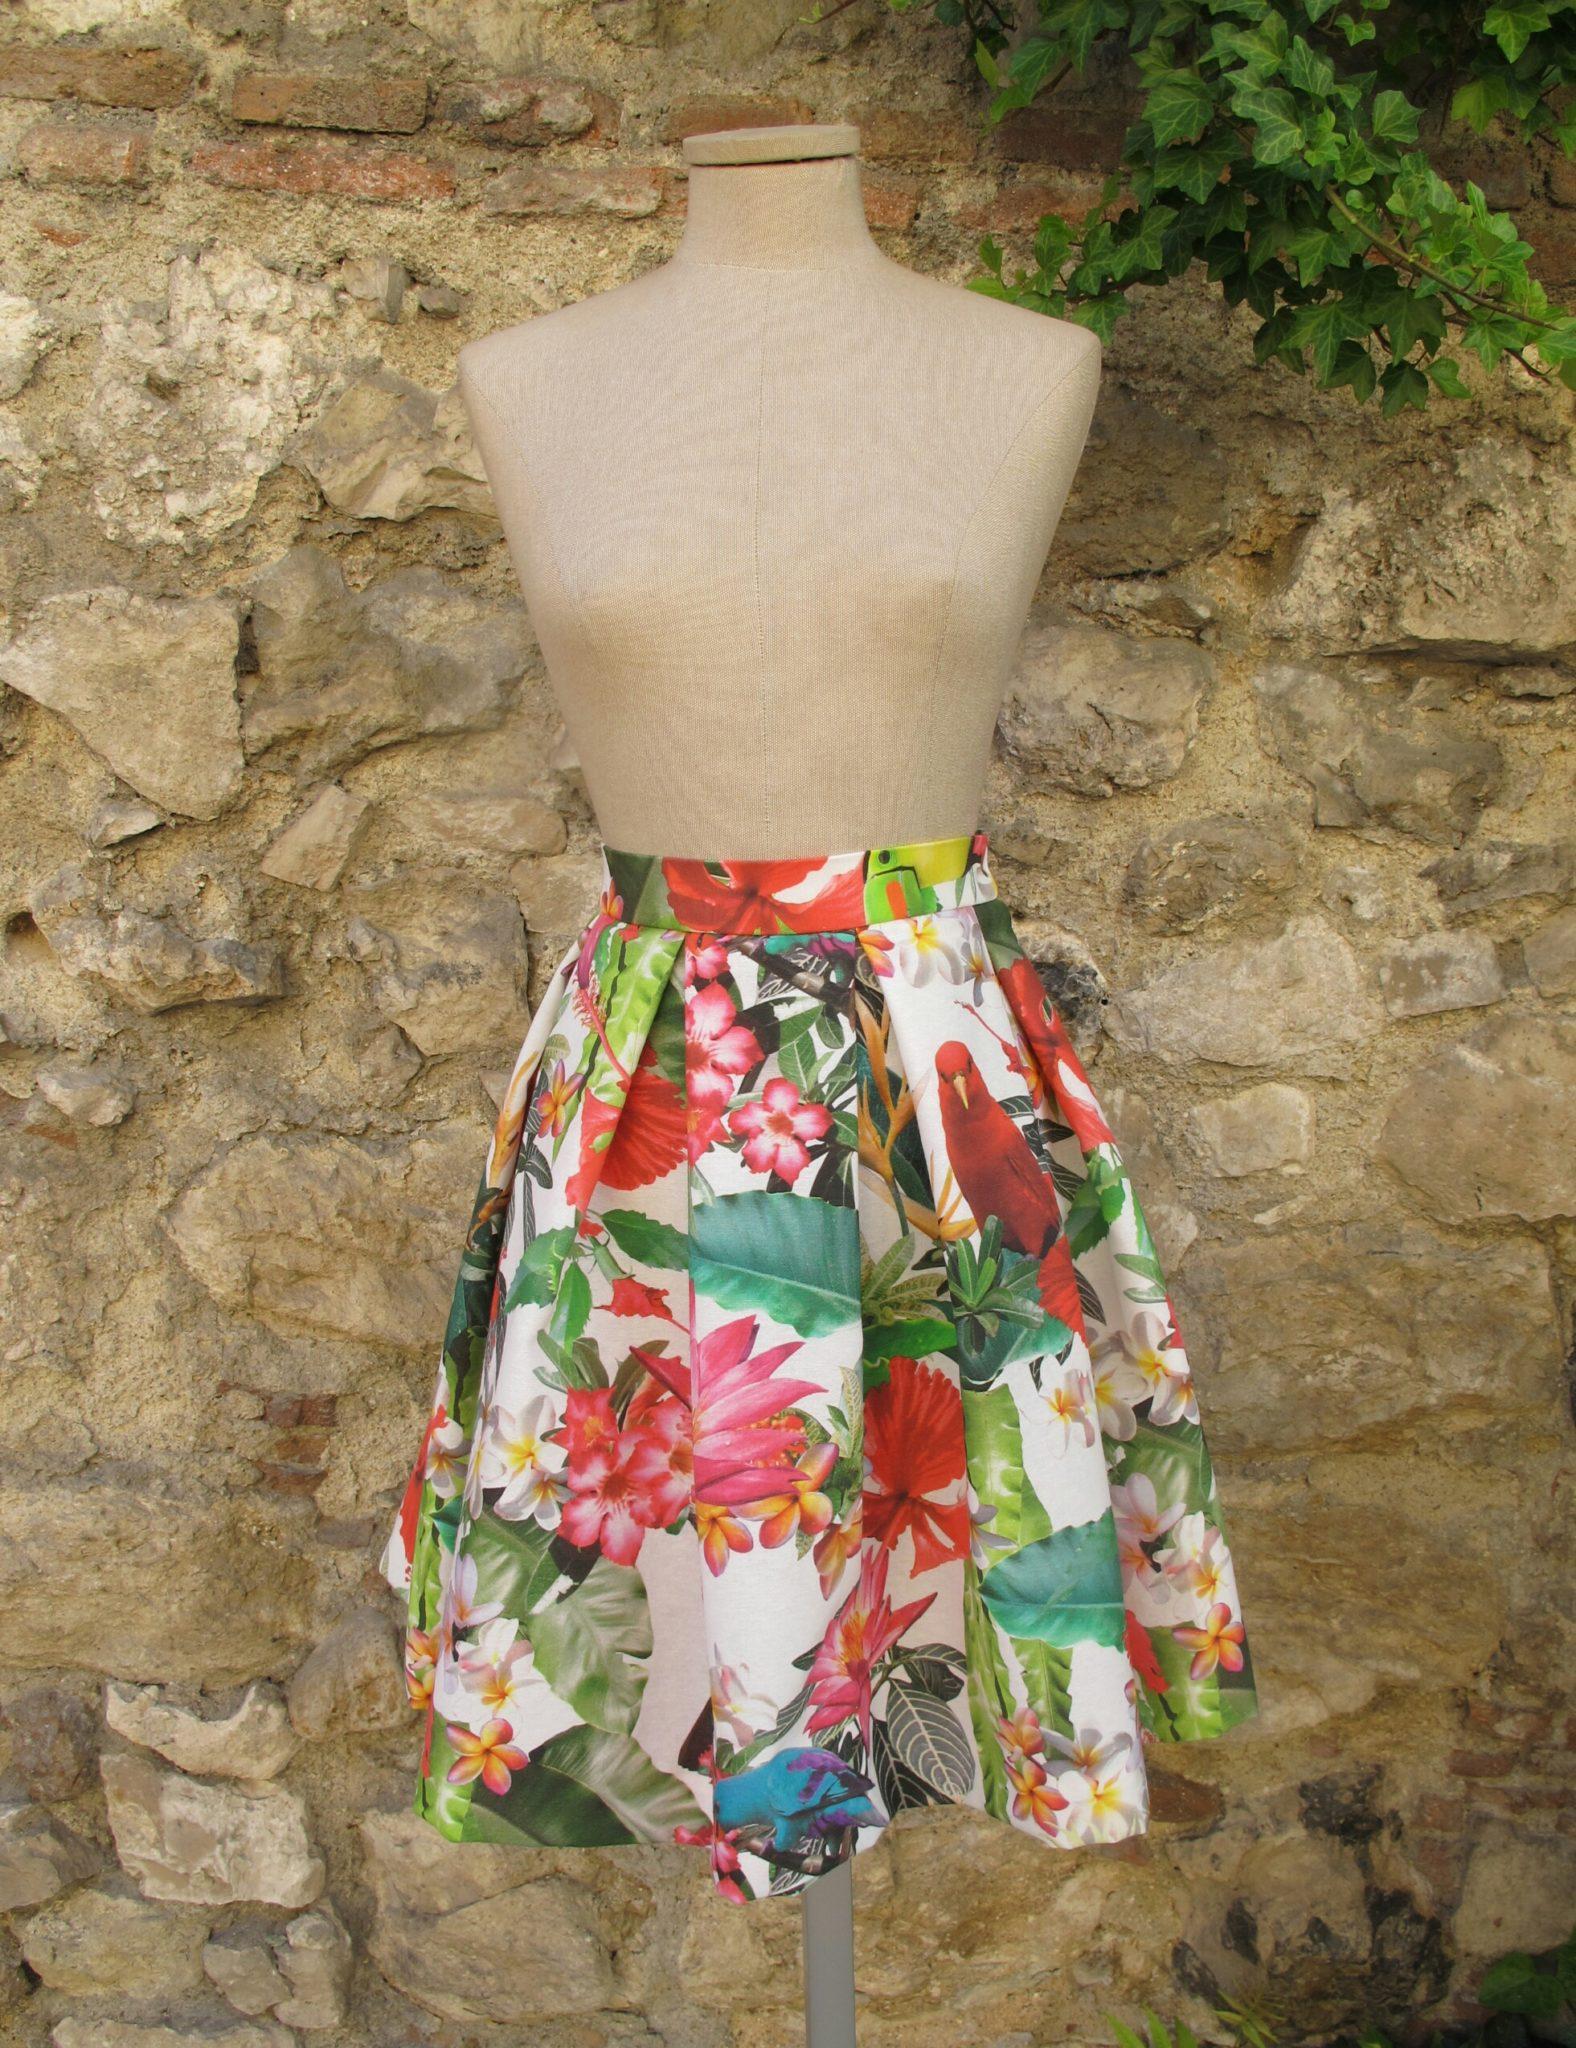 ccac814ba2 Falda midi de tablas en algodón estampado con flores y pajaros tropicales